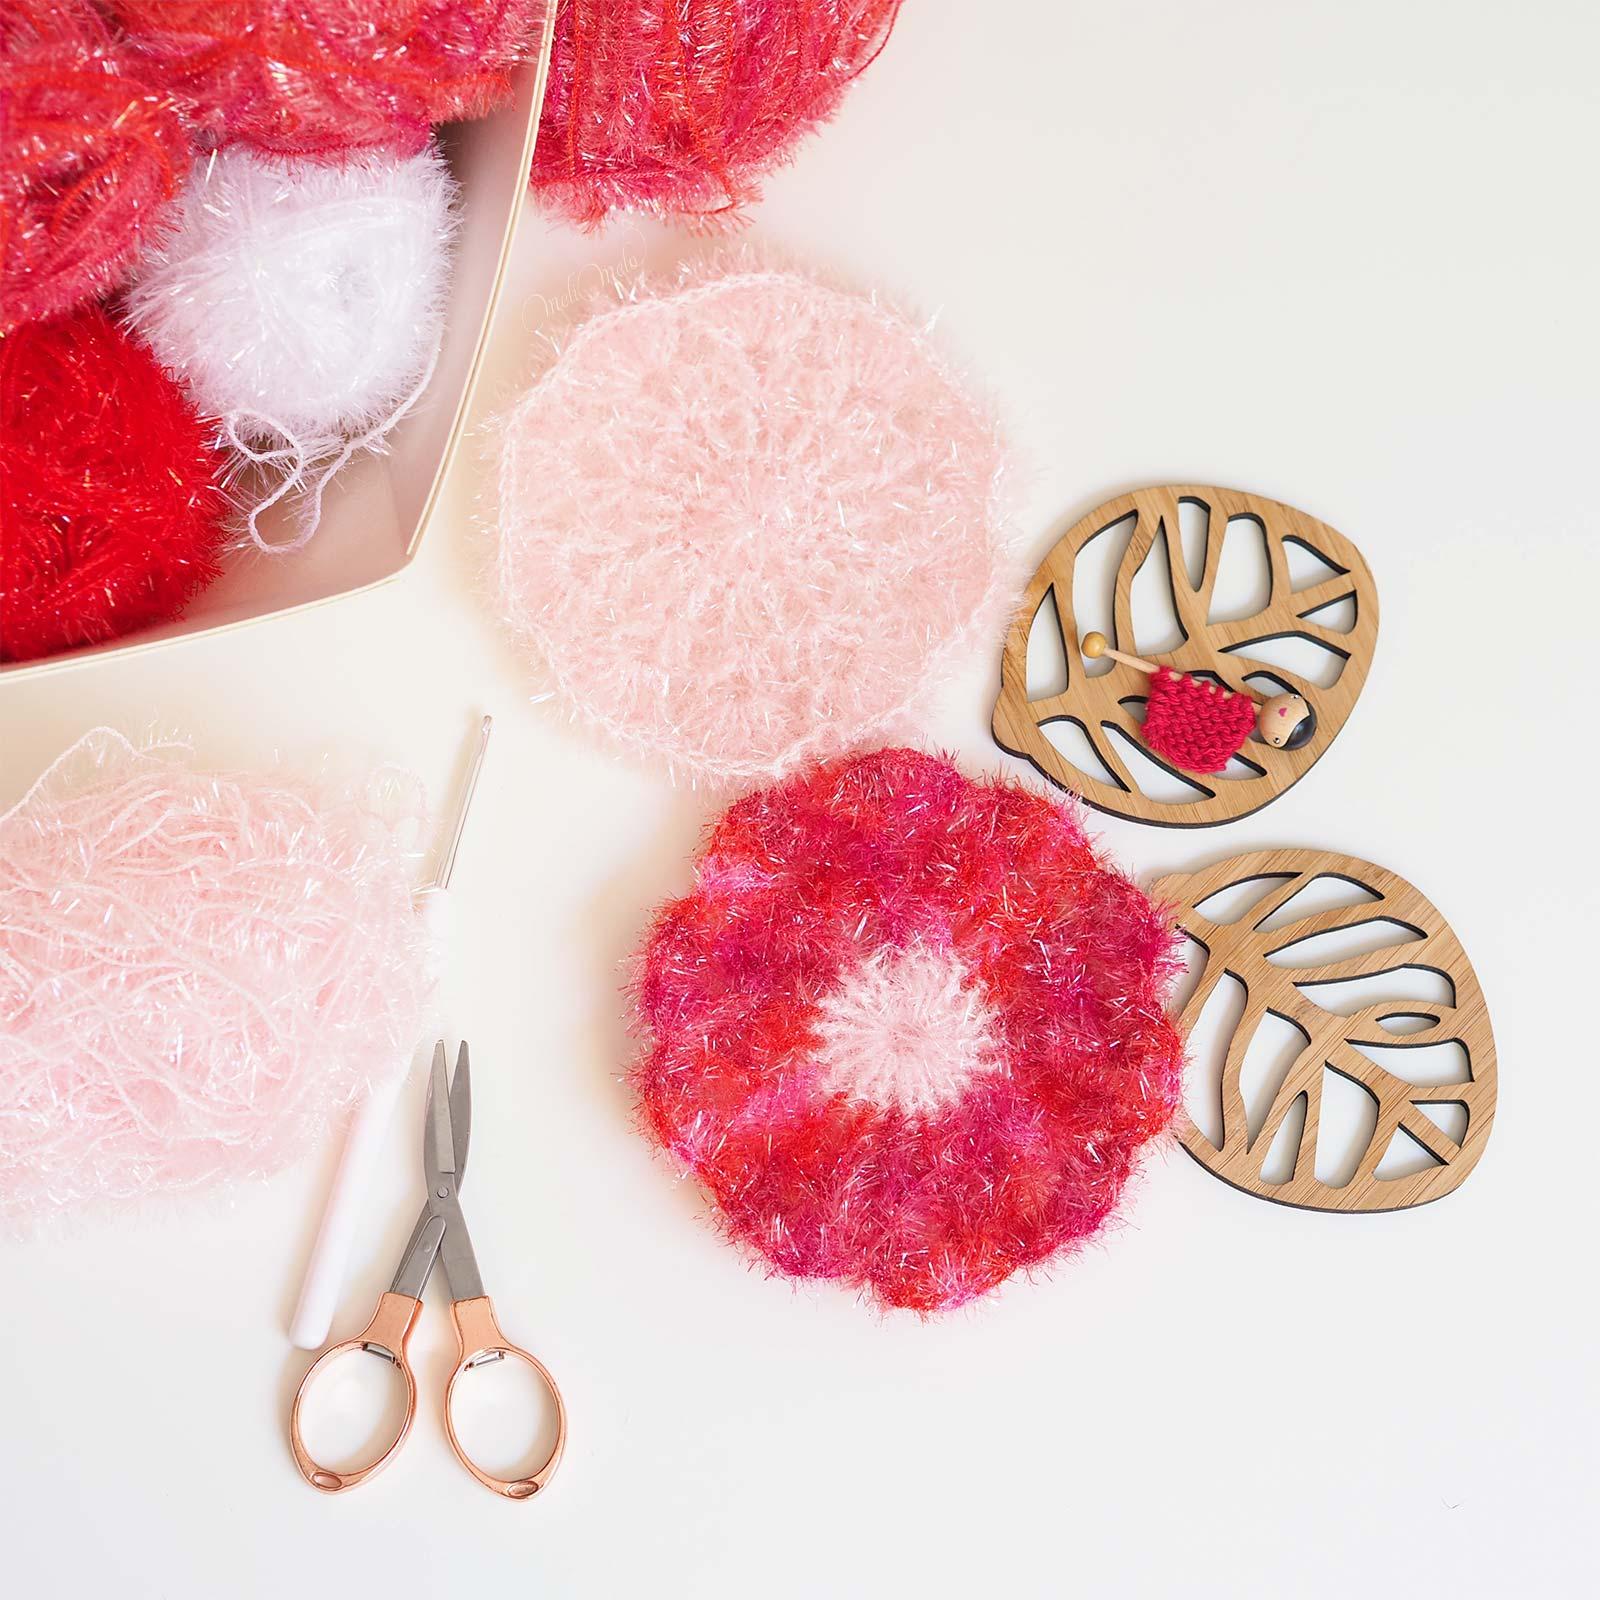 encours éponge tawashi crochet fleur coquelicot laboutiquedemelimelo